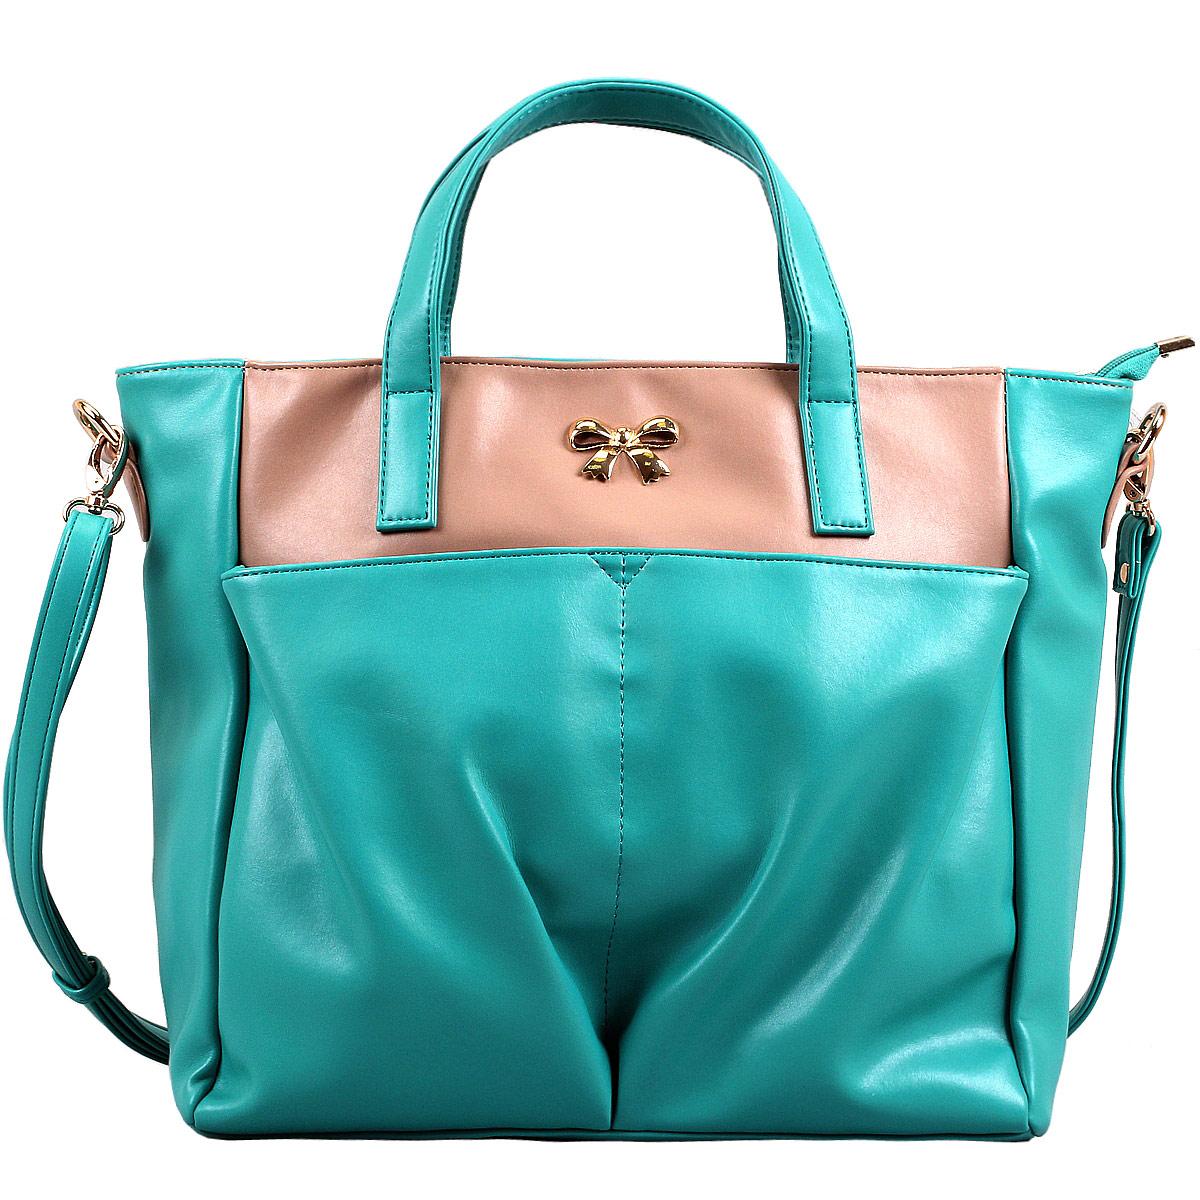 Сумка женская Leighton, цвет: какао, бирюзовый. 10642-08210642-082/210/082/78Женская сумка Leighton выполнена из высококачественной искусственной кожи, украшена декоративным бантиком. Изысканный декор, стильная фурнитура, классическая форма в сочетании с вместительностью и удобством делают эту модель прекрасным дополнением к вашему образу. Модель закрывается на застежку-молнию. Внутри - большое отделение, разделенное средником на застежке-молнии, также есть два накладных кармашка для мелочей, телефона и врезной карман на застежке-молнии. Лицевую сторону украшают два накладных кармана на магнитных кнопках. Задняя сторона дополнена плоским врезным карманом на застежке-молнии. Сумка оснащена двумя удобными ручками и регулируемым плечевым ремнем. Прекрасное дополнение к отличному настроению.